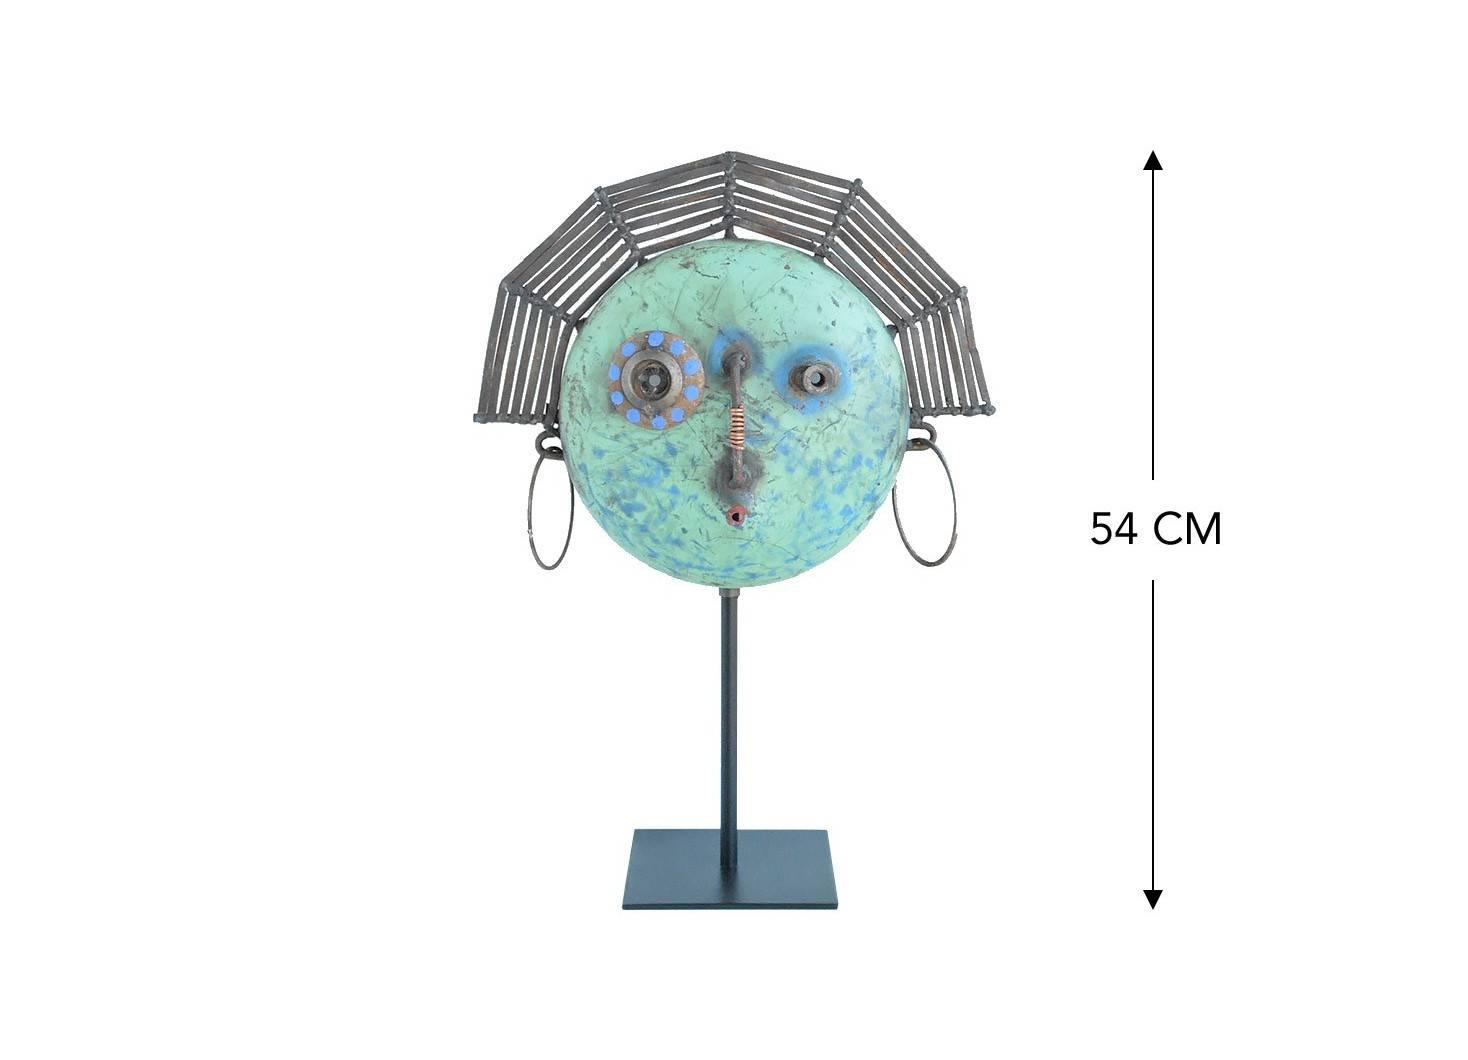 Masque décoratif en métal recyclé - MA24